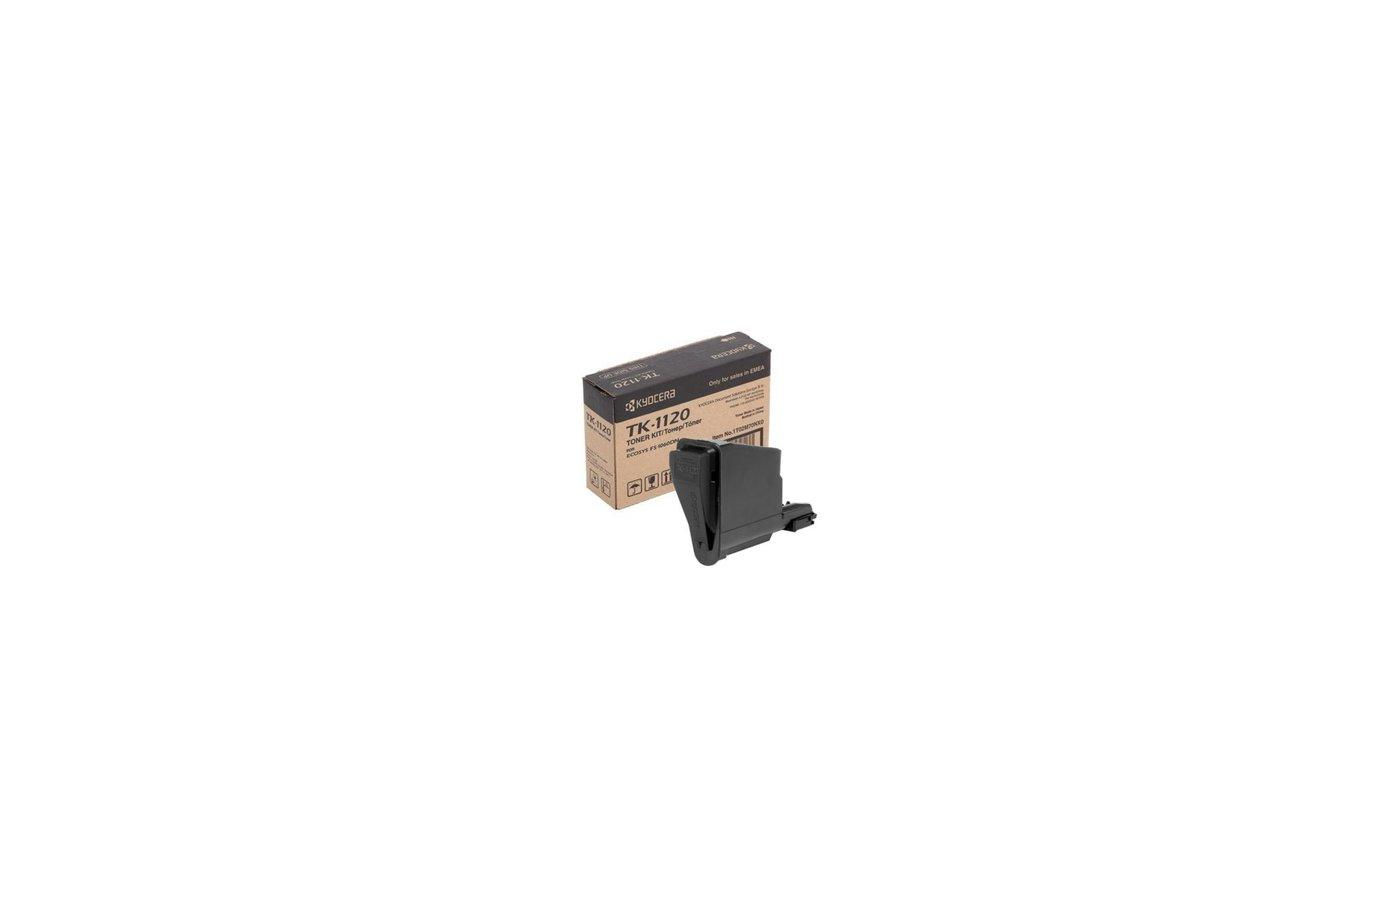 Картридж лазерный Kyocera TK-1120 для FS-1060DN/1025MFP/1125MFP (3 000 стр)